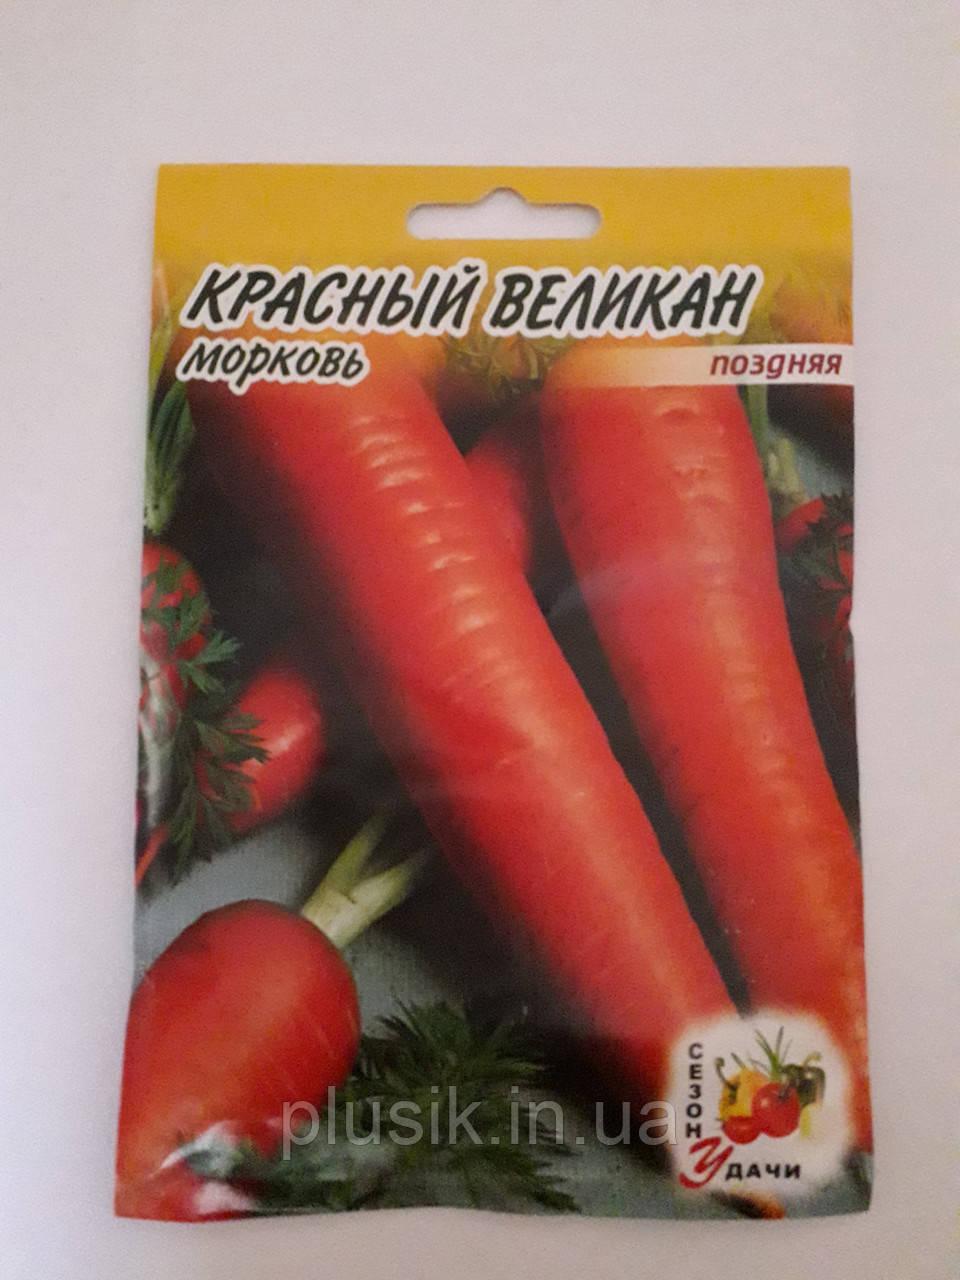 Морковь Красный Великан поздняя 20 гр. (минимальный заказ 10 пачек)